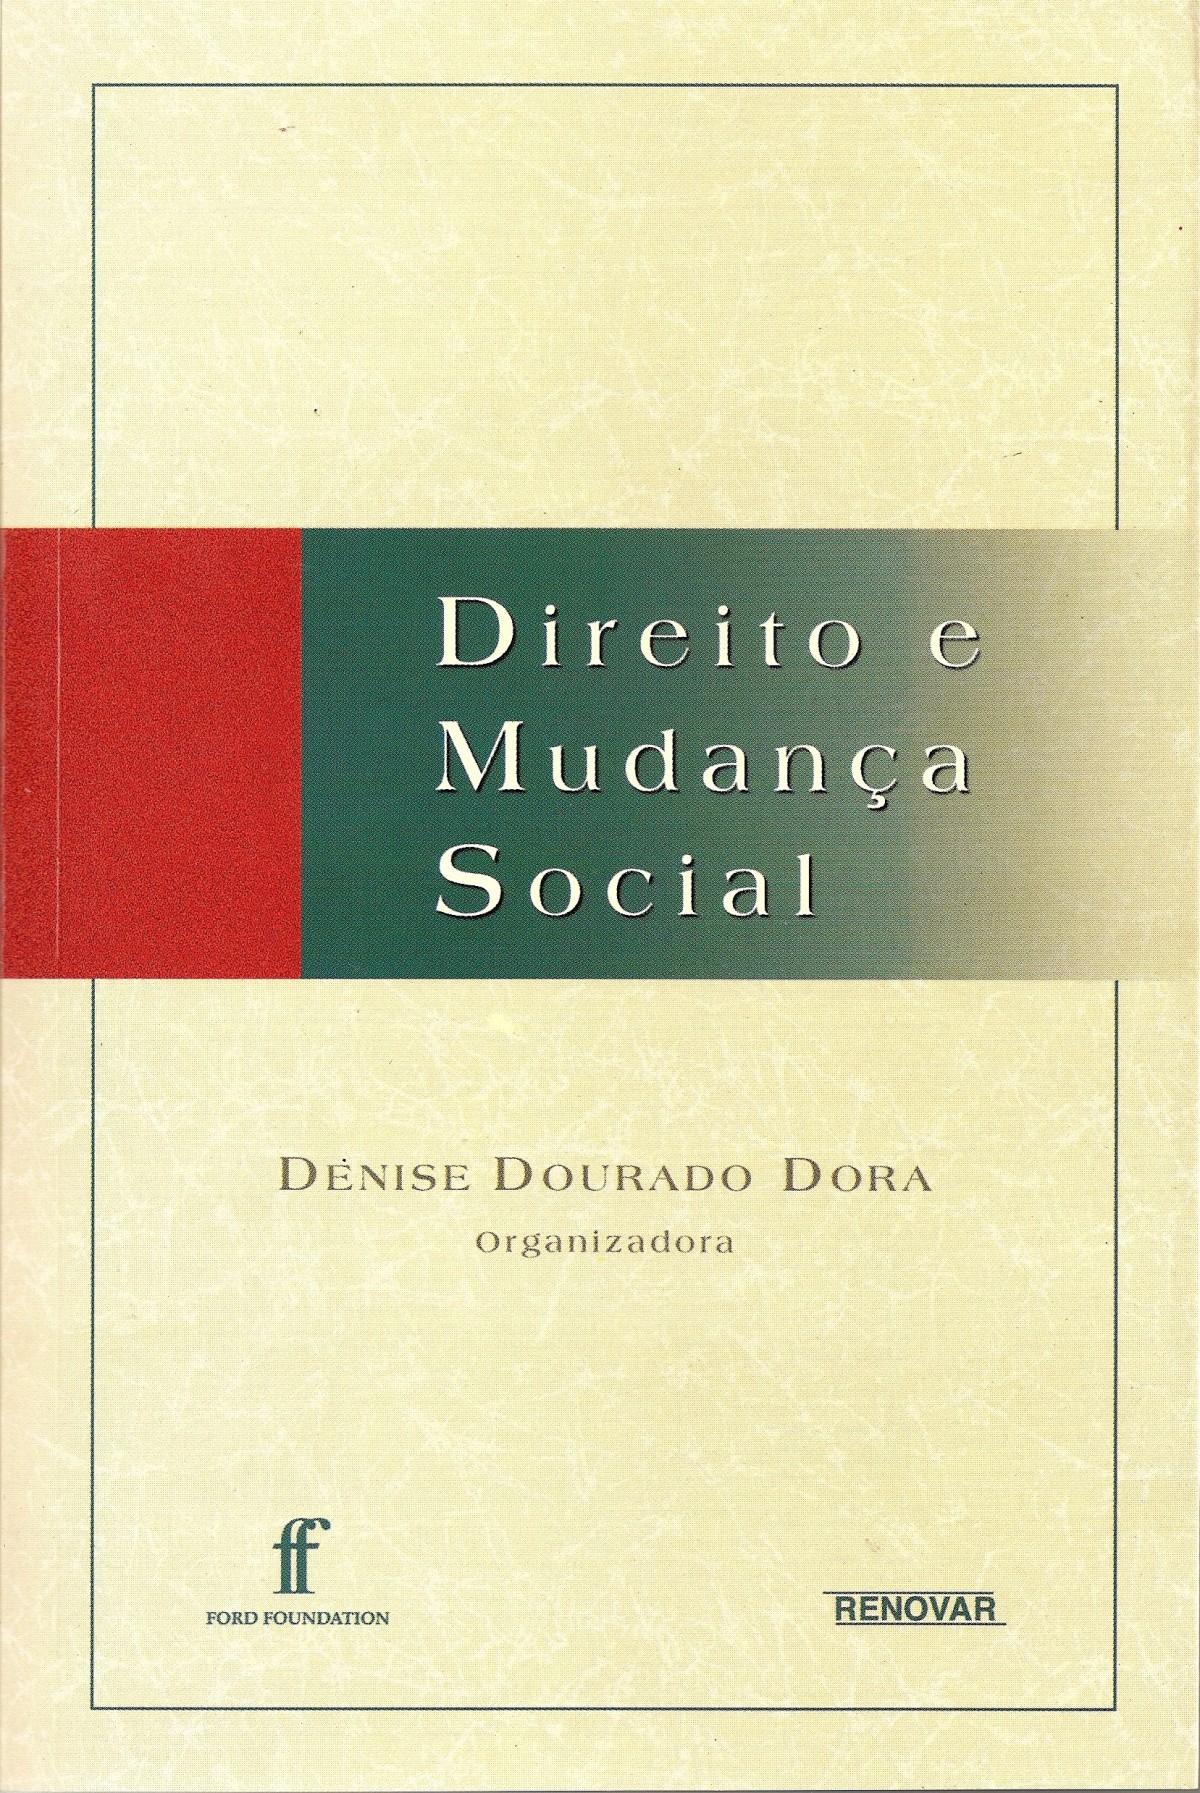 Foto 1 - Direito e Mudança Social